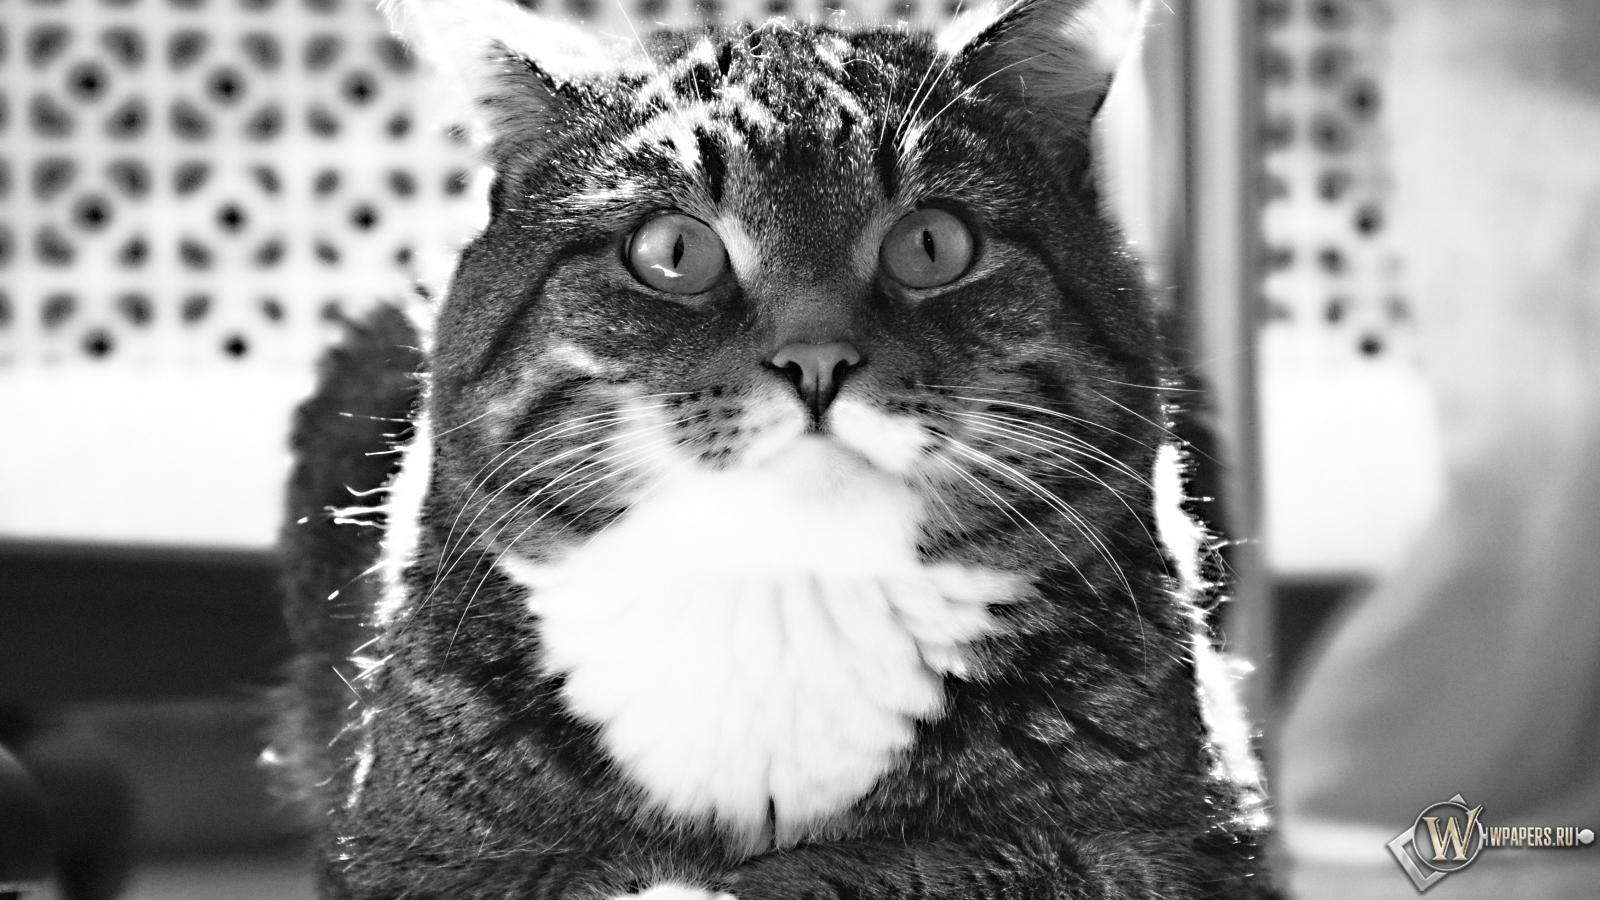 Полосатый котик 1600x900